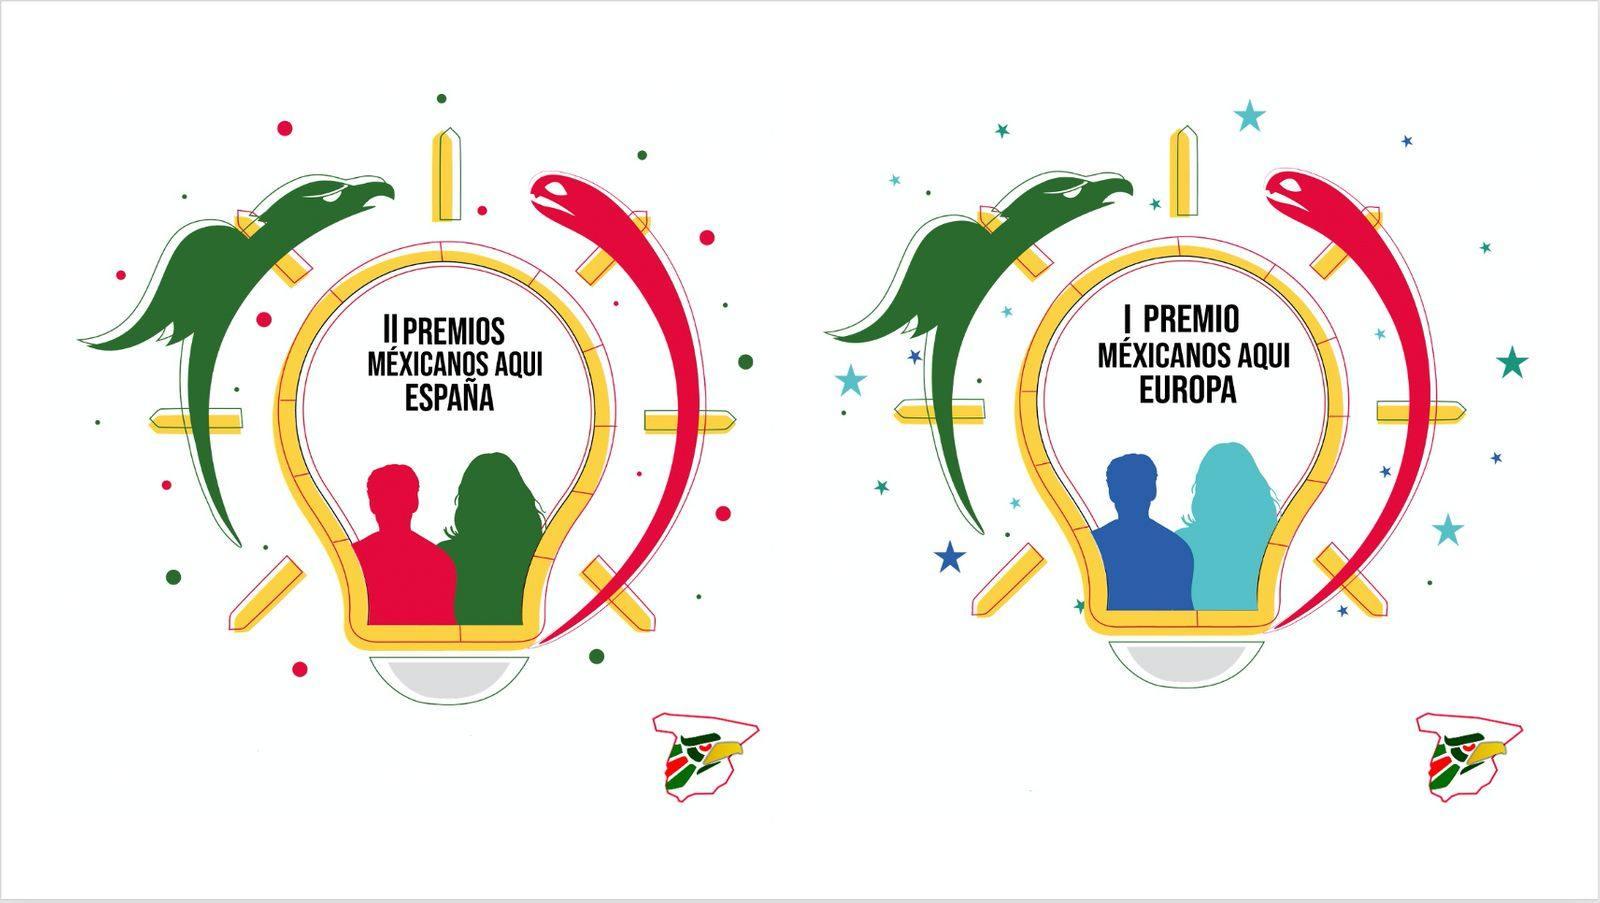 II Premio Mexicanos Aquí